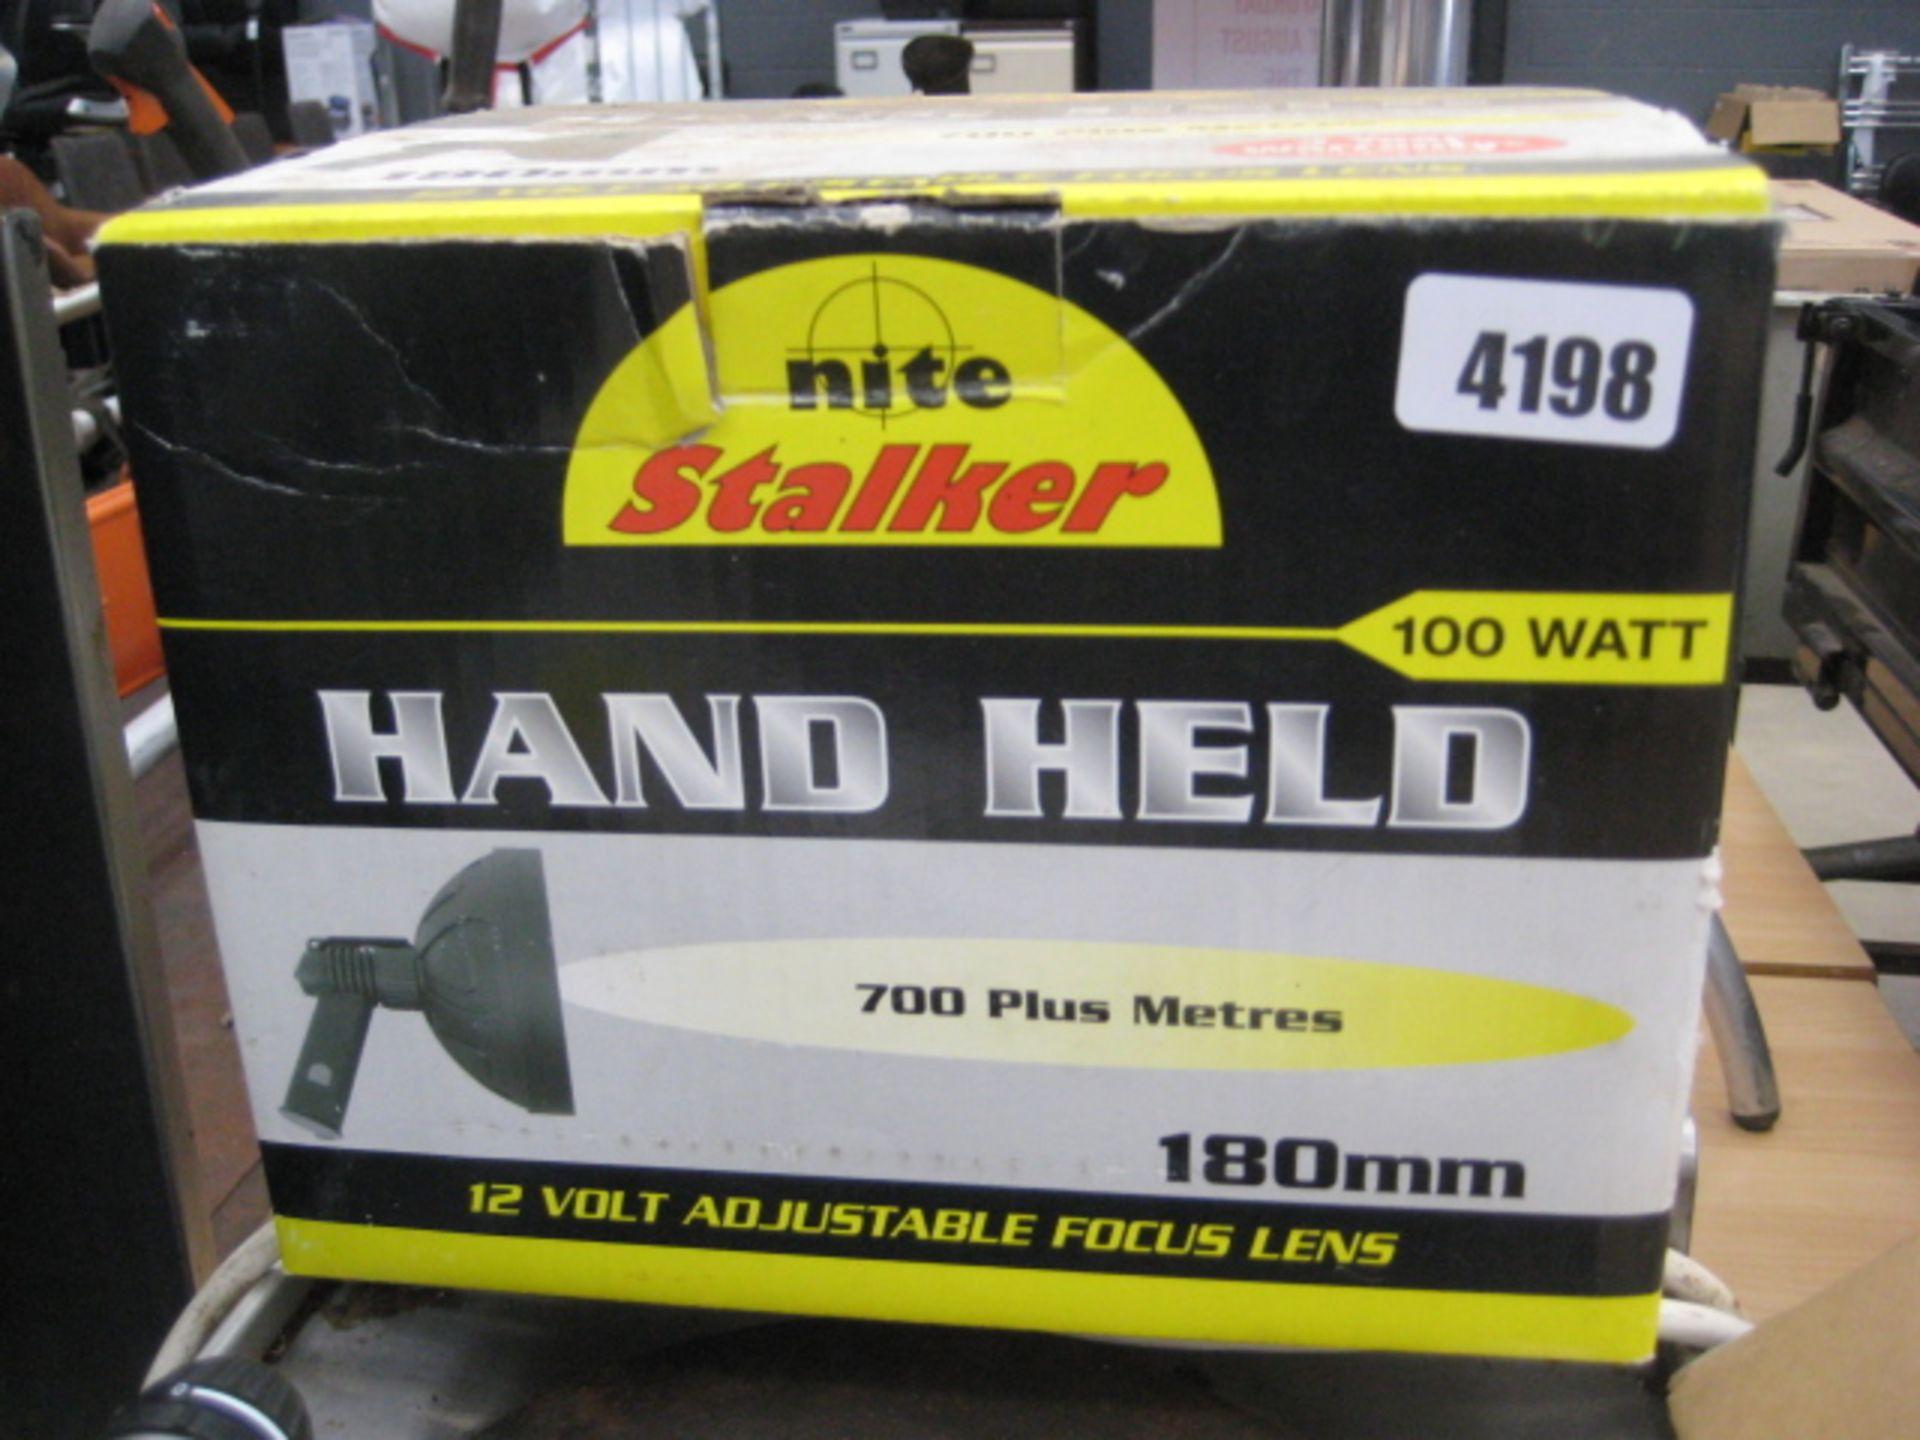 Lot 4198 - NiteLite Stalker handheld light